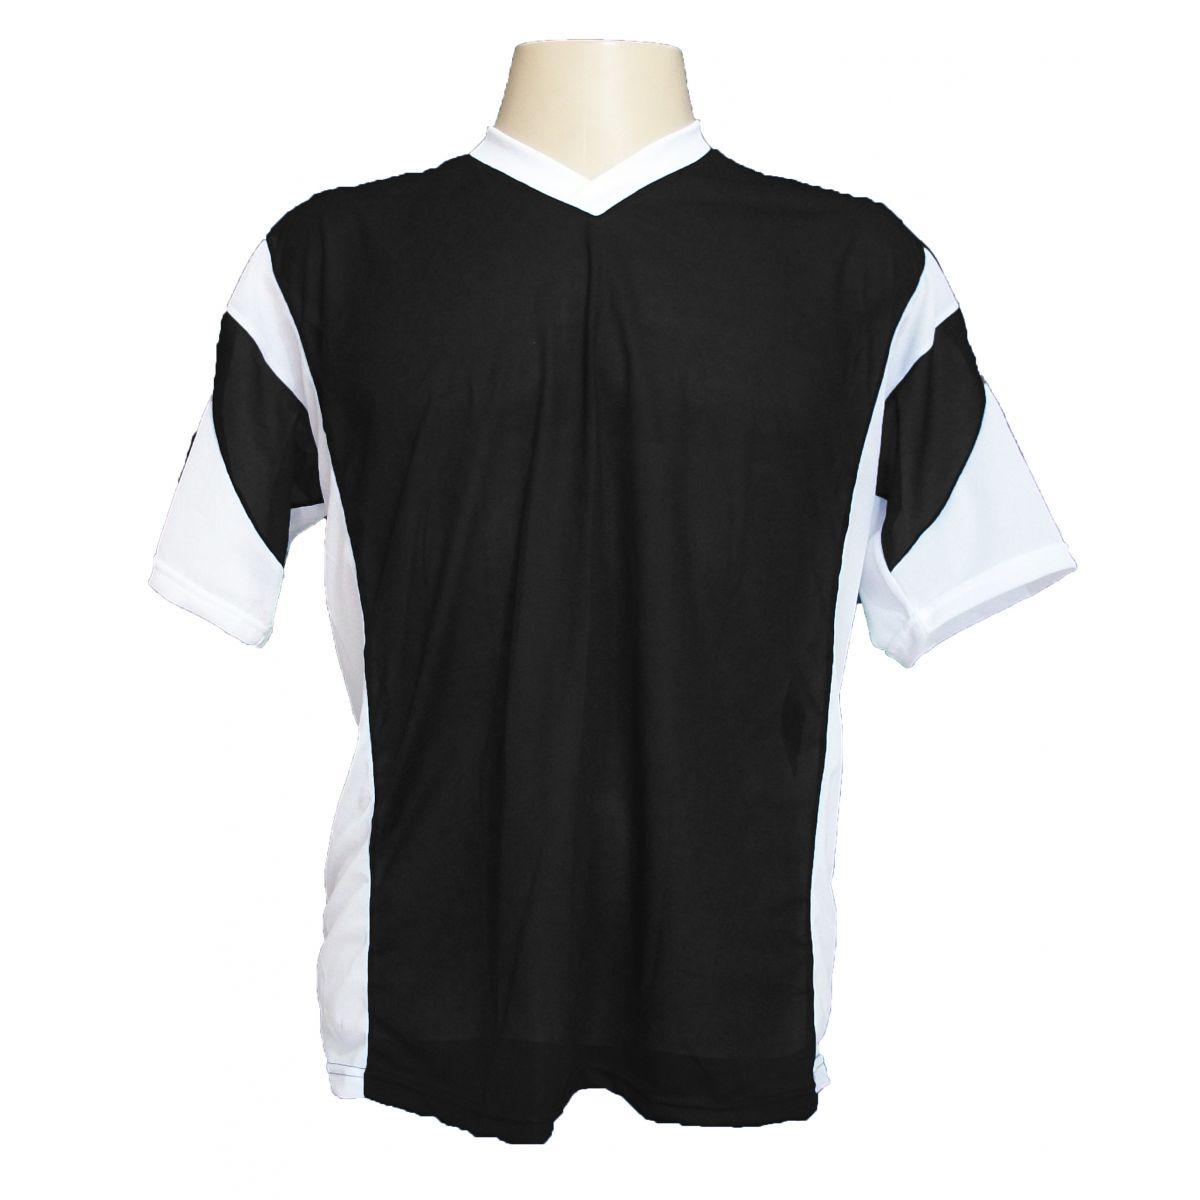 Jogo de Camisa Promocional com 12 Peças Numeradas Modelo Attack Preto/Branco - Frete Grátis Brasil